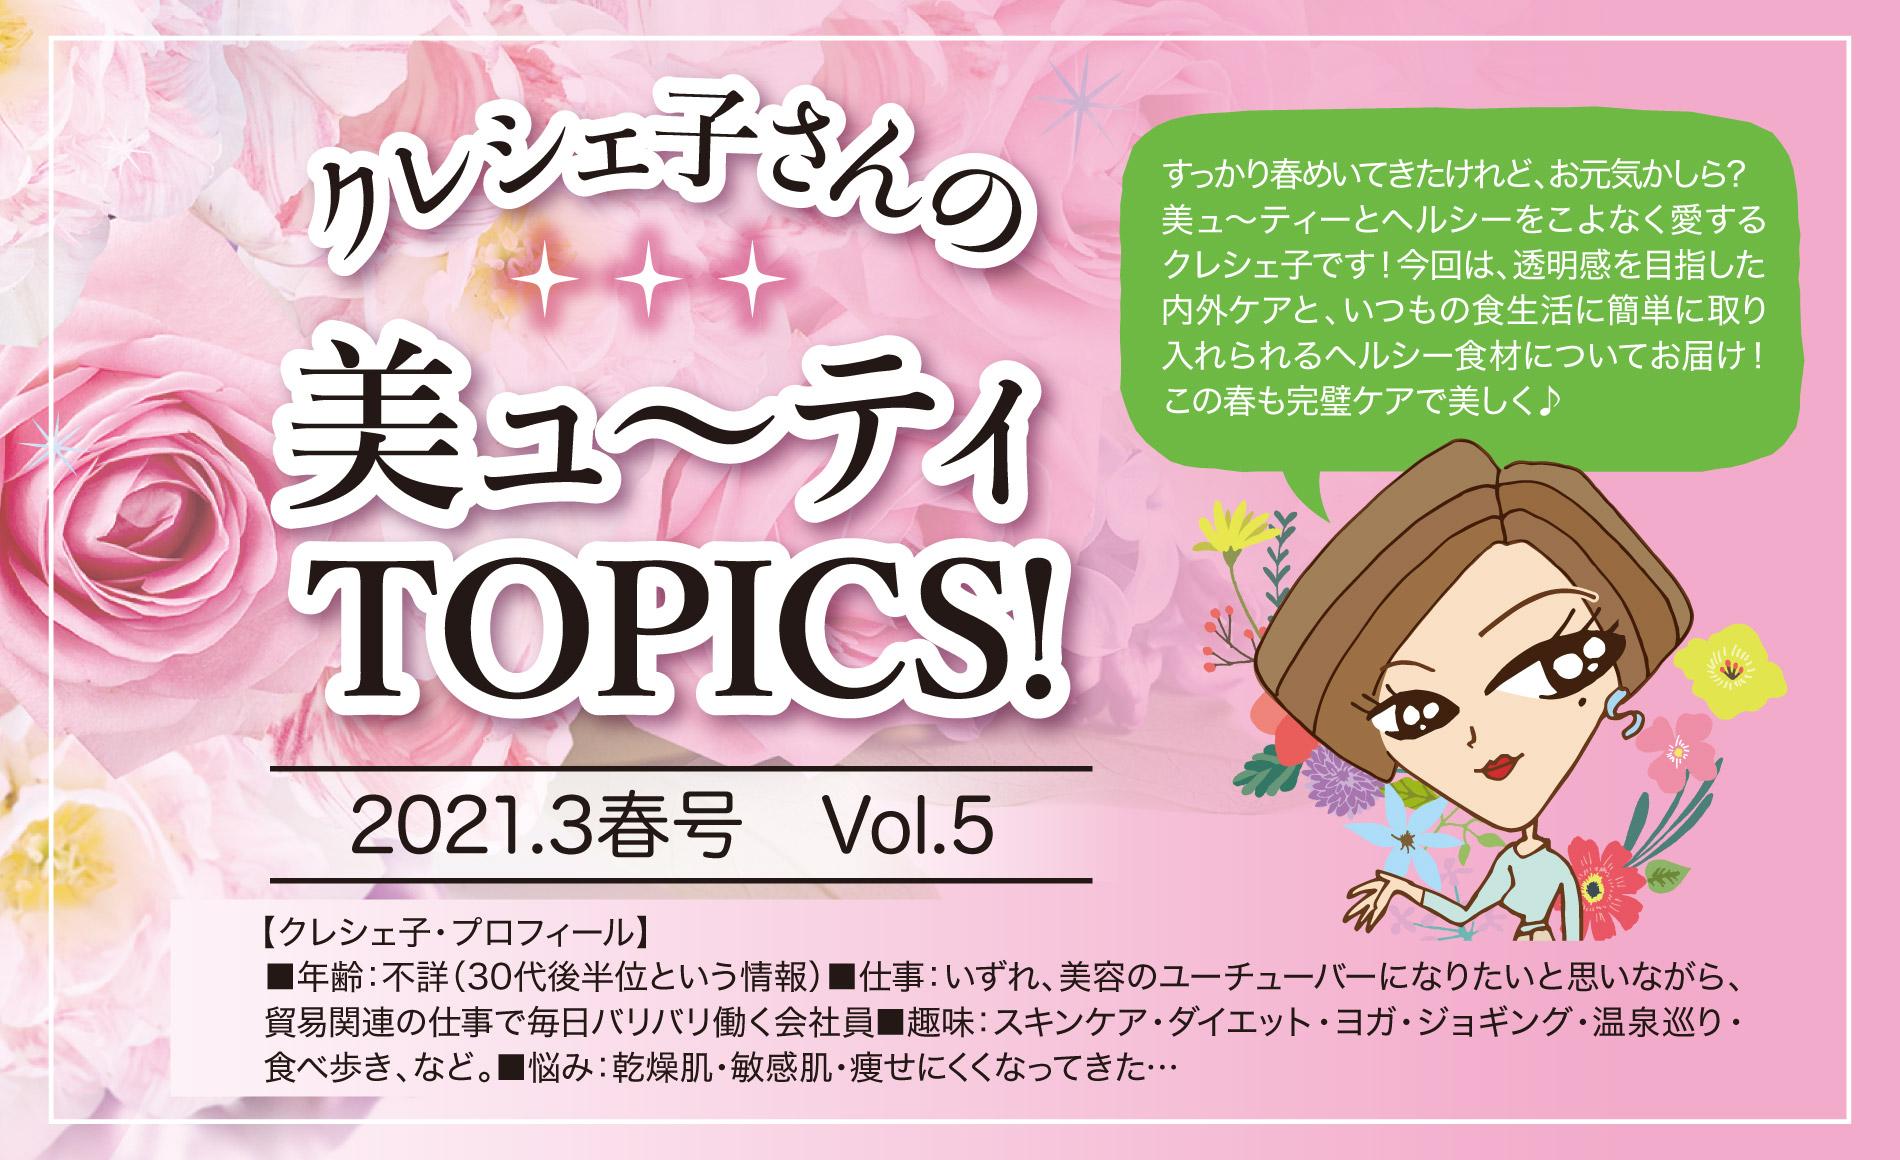 クレシェ子さんの美ュ〜ティTOPICS!